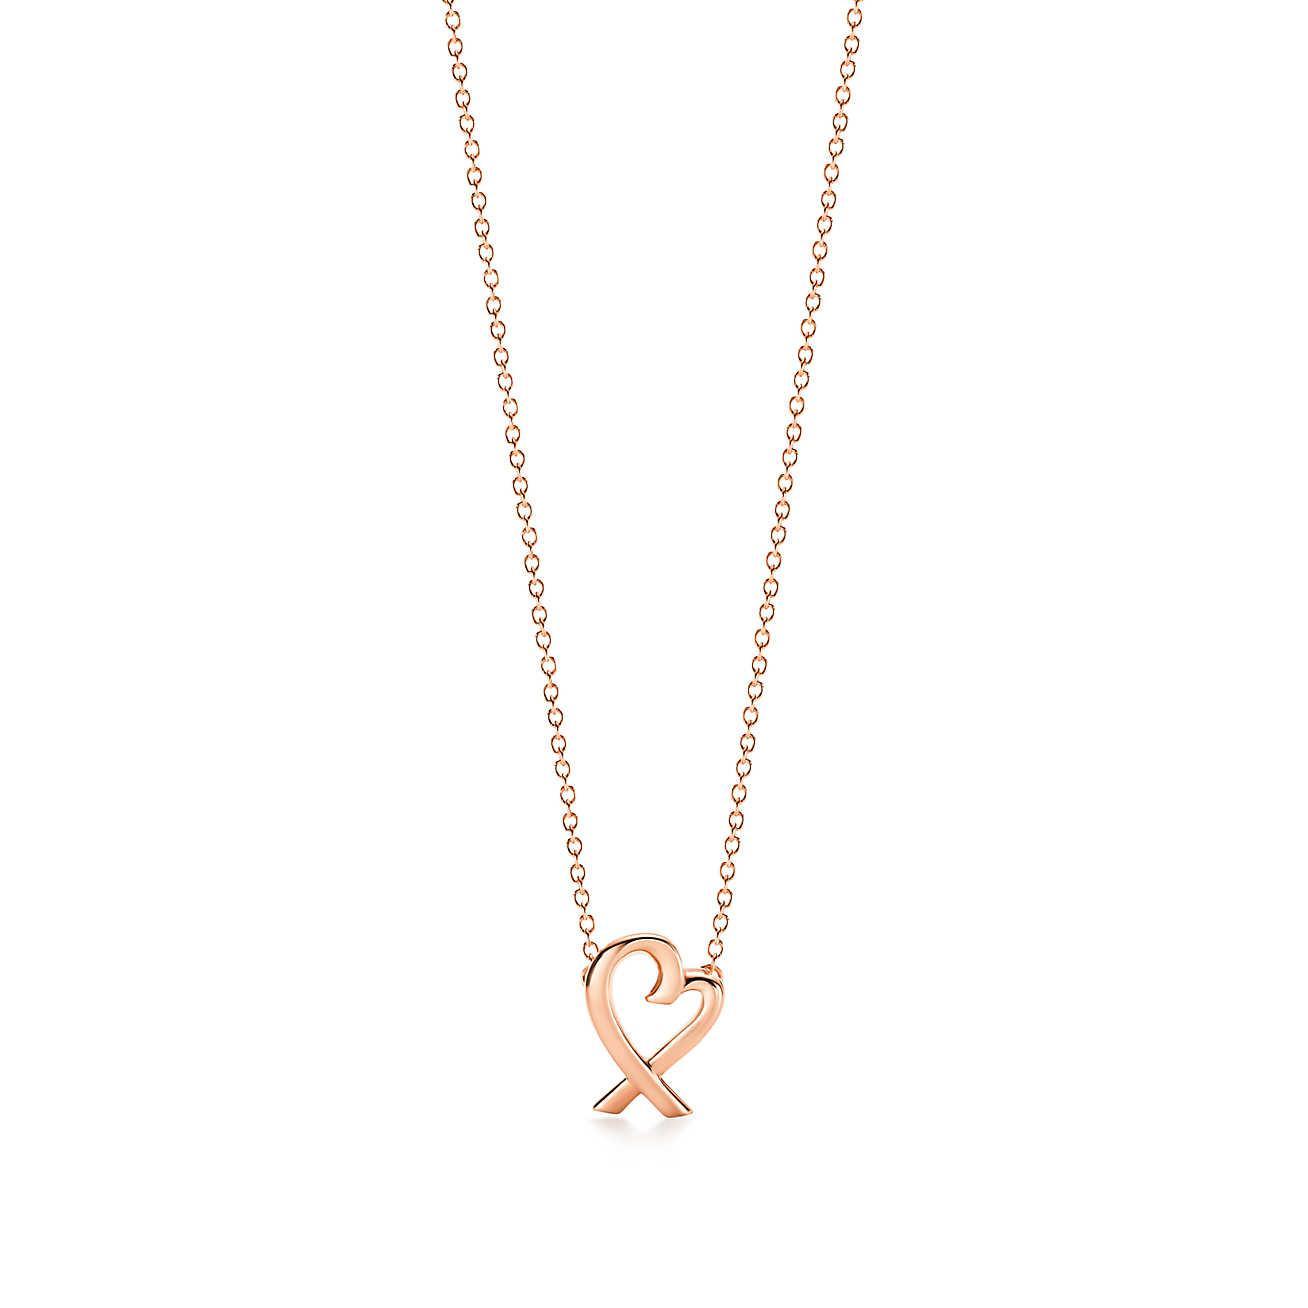 Lyst tiffany co paloma picasso loving heart pendant in 18k tiffany co womens pink paloma picasso loving heart pendant aloadofball Image collections